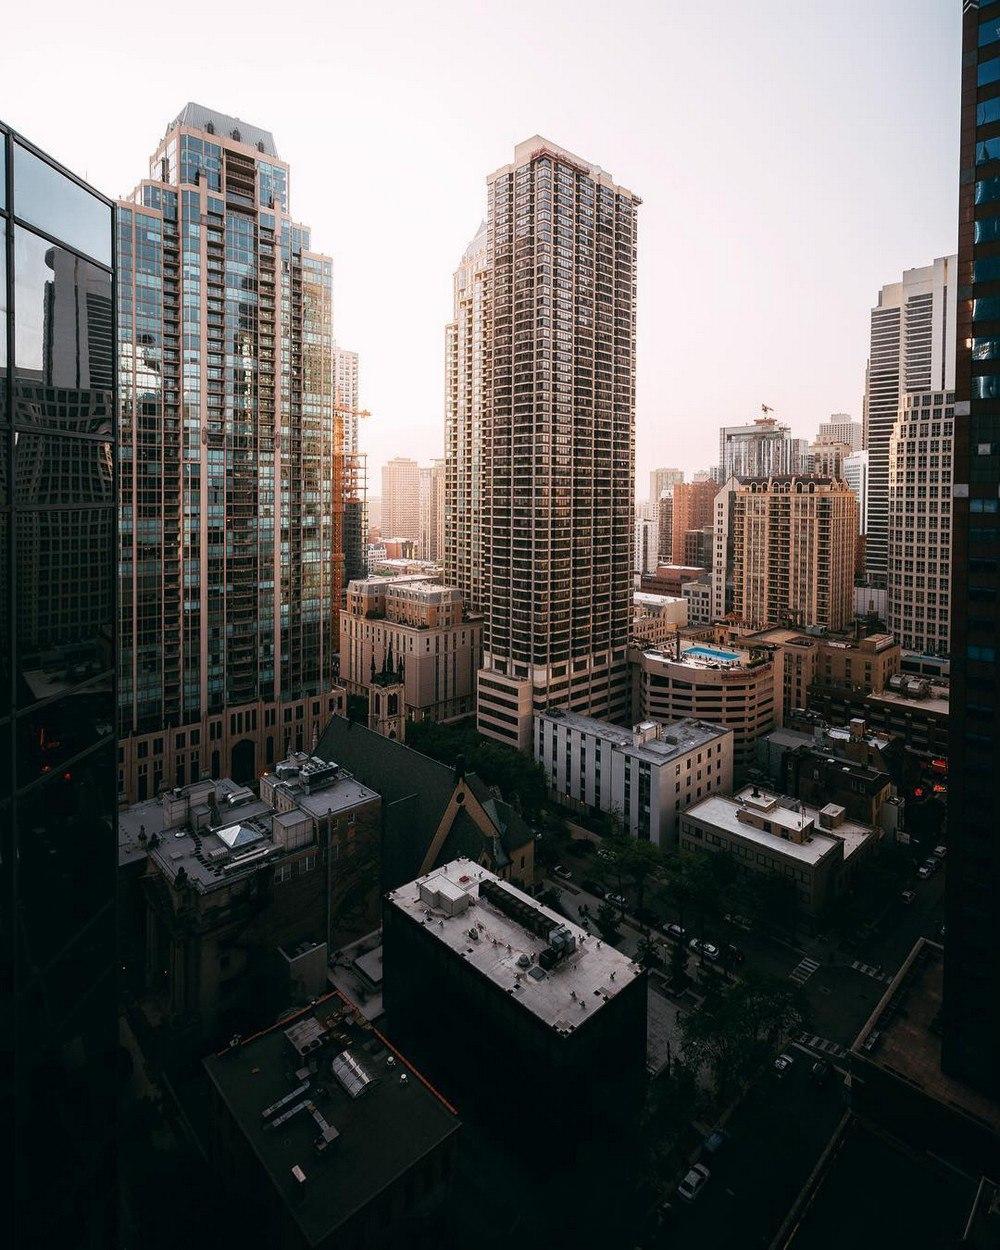 cDEMnn BnOY - Шедевры архитектурной и городской фотографии